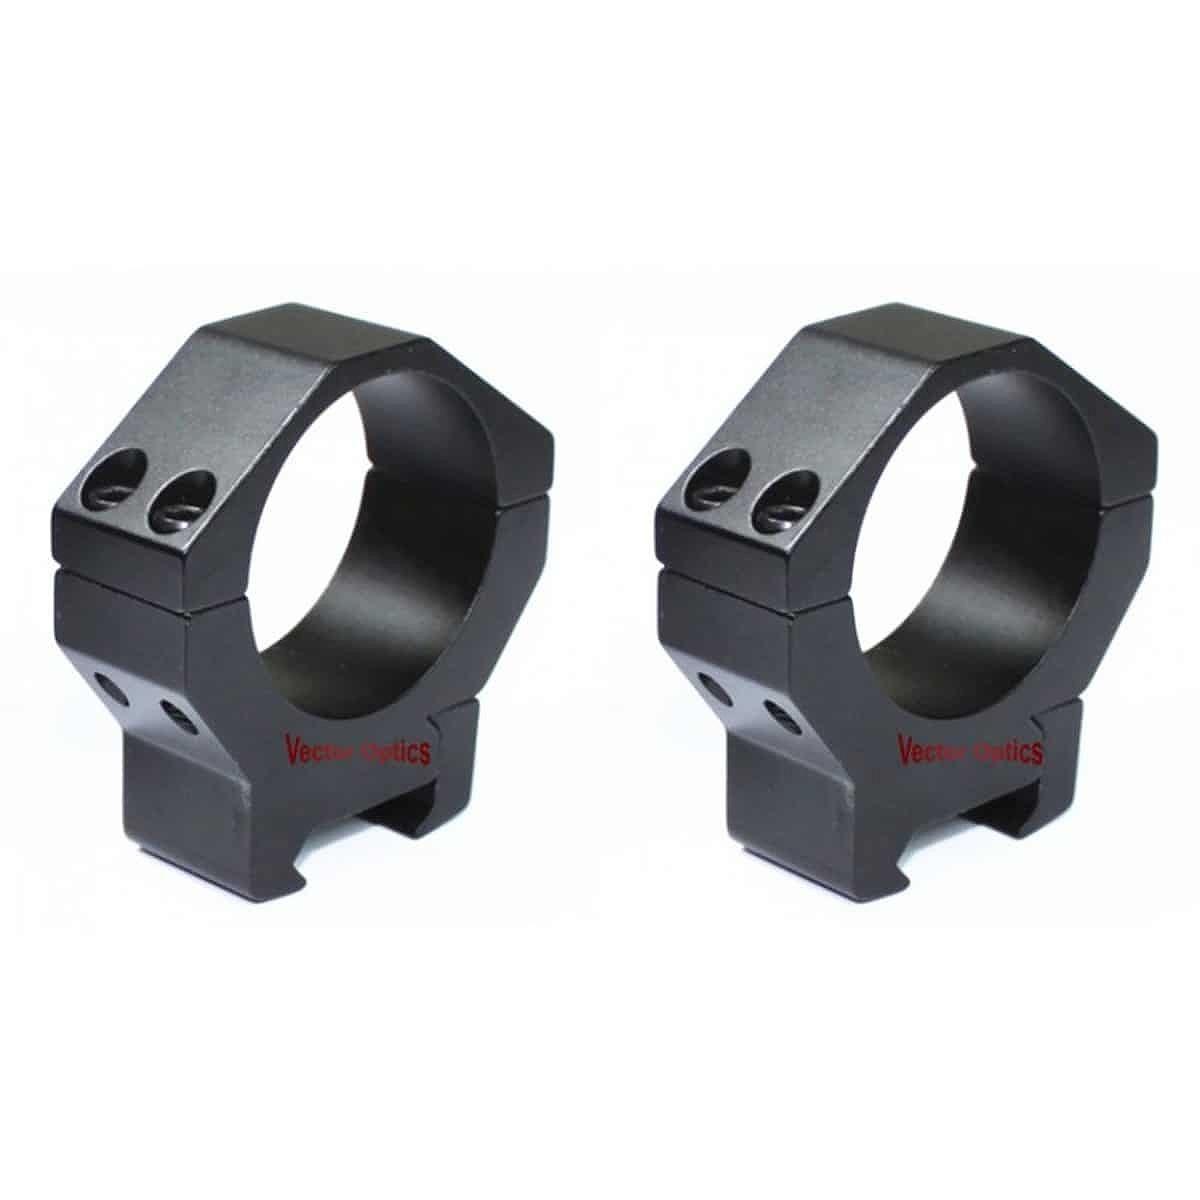 ベクターオプティクス スコープマウント 34mm Low ProfilePicatinny Rings  Vector Optics SCTM-23B